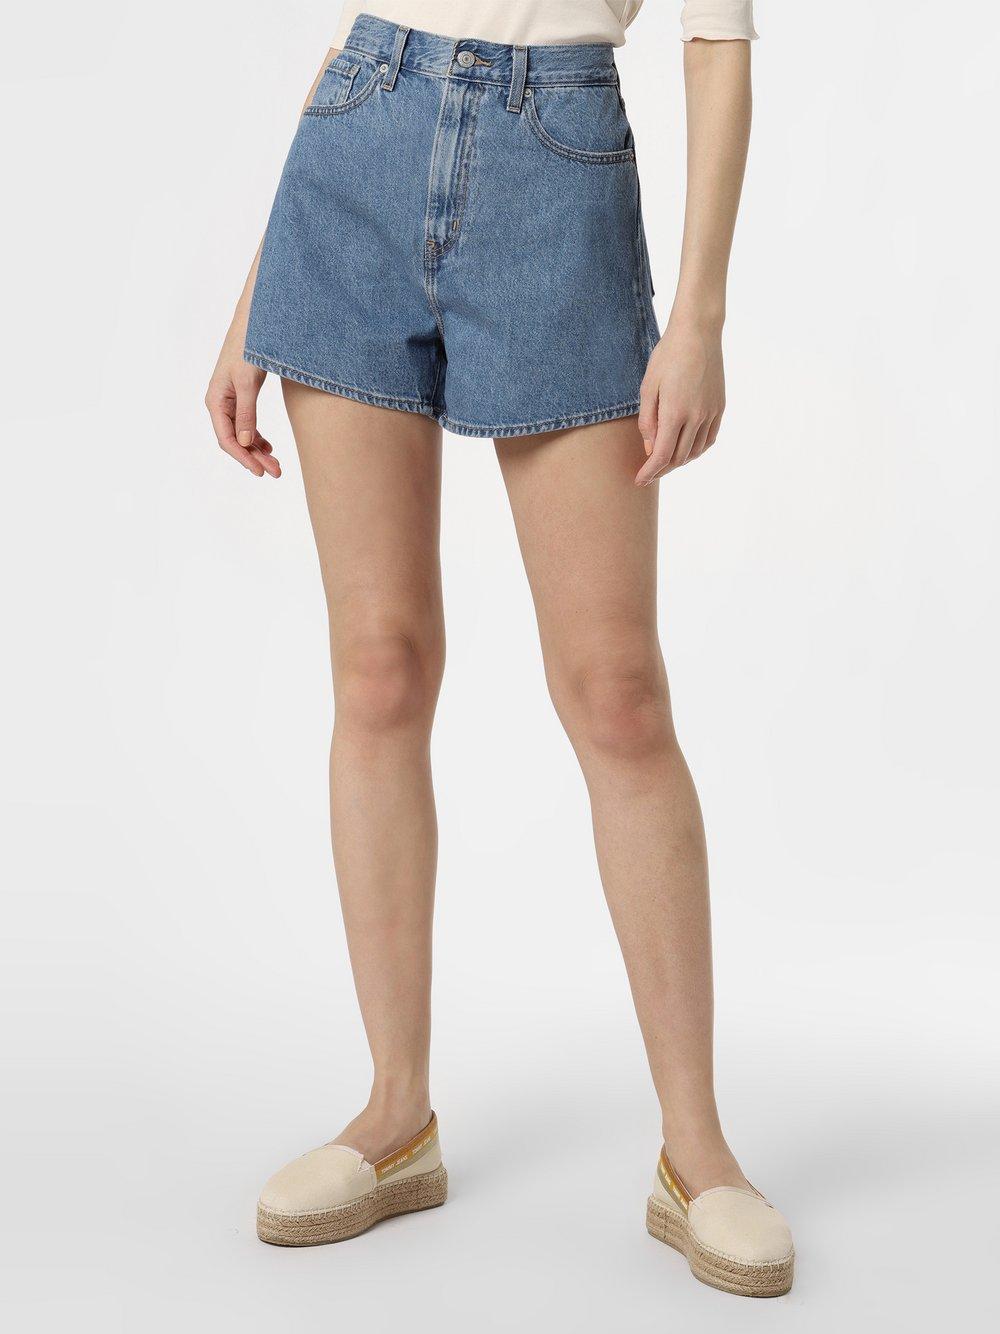 Levi's - Damskie krótkie spodenki jeansowe, niebieski